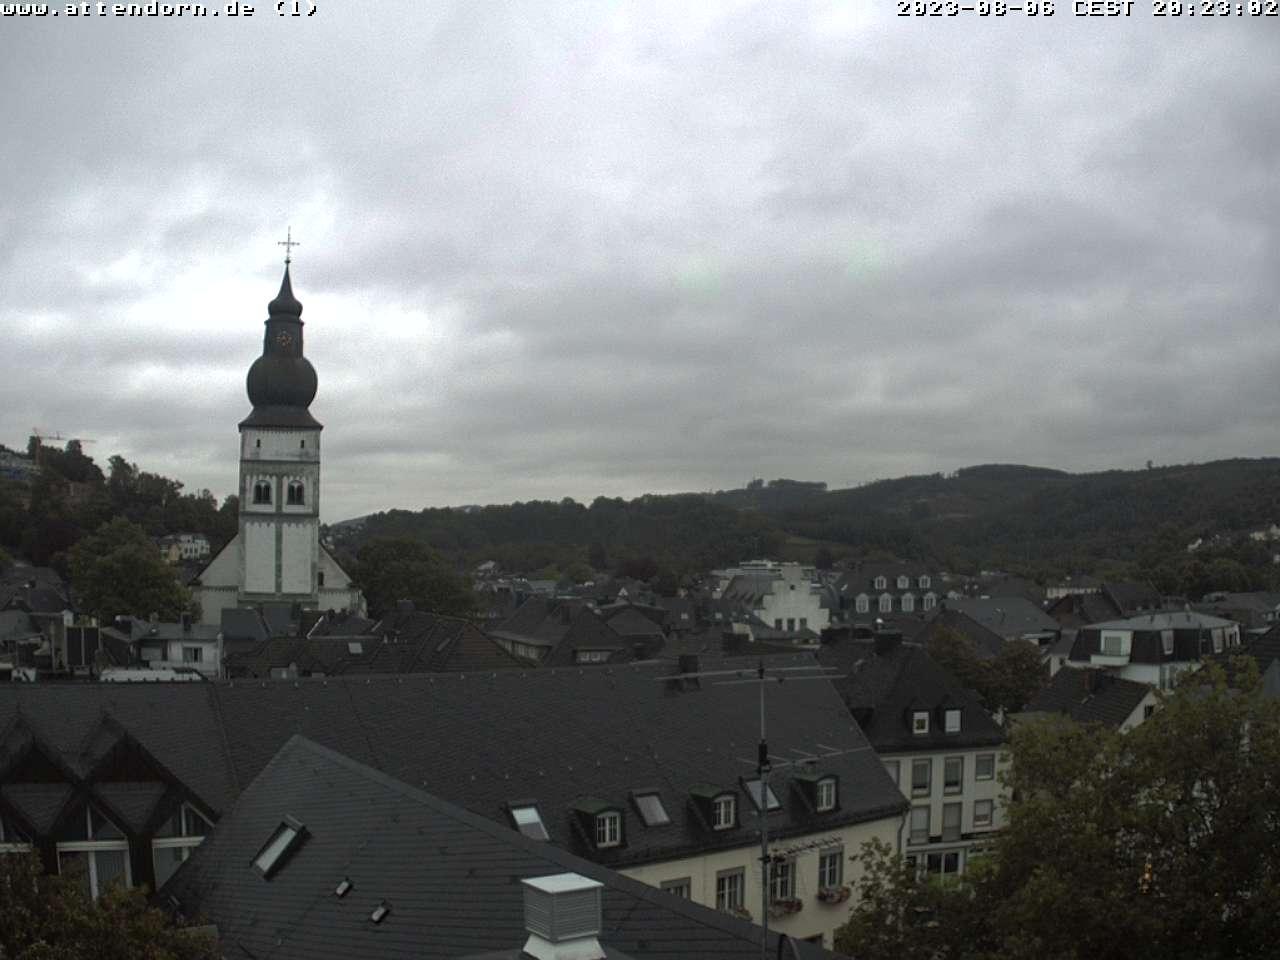 Webcam Rathaus - Attendorner Geschichten - Stadtmagazin Lokalnachrichten Attendorn